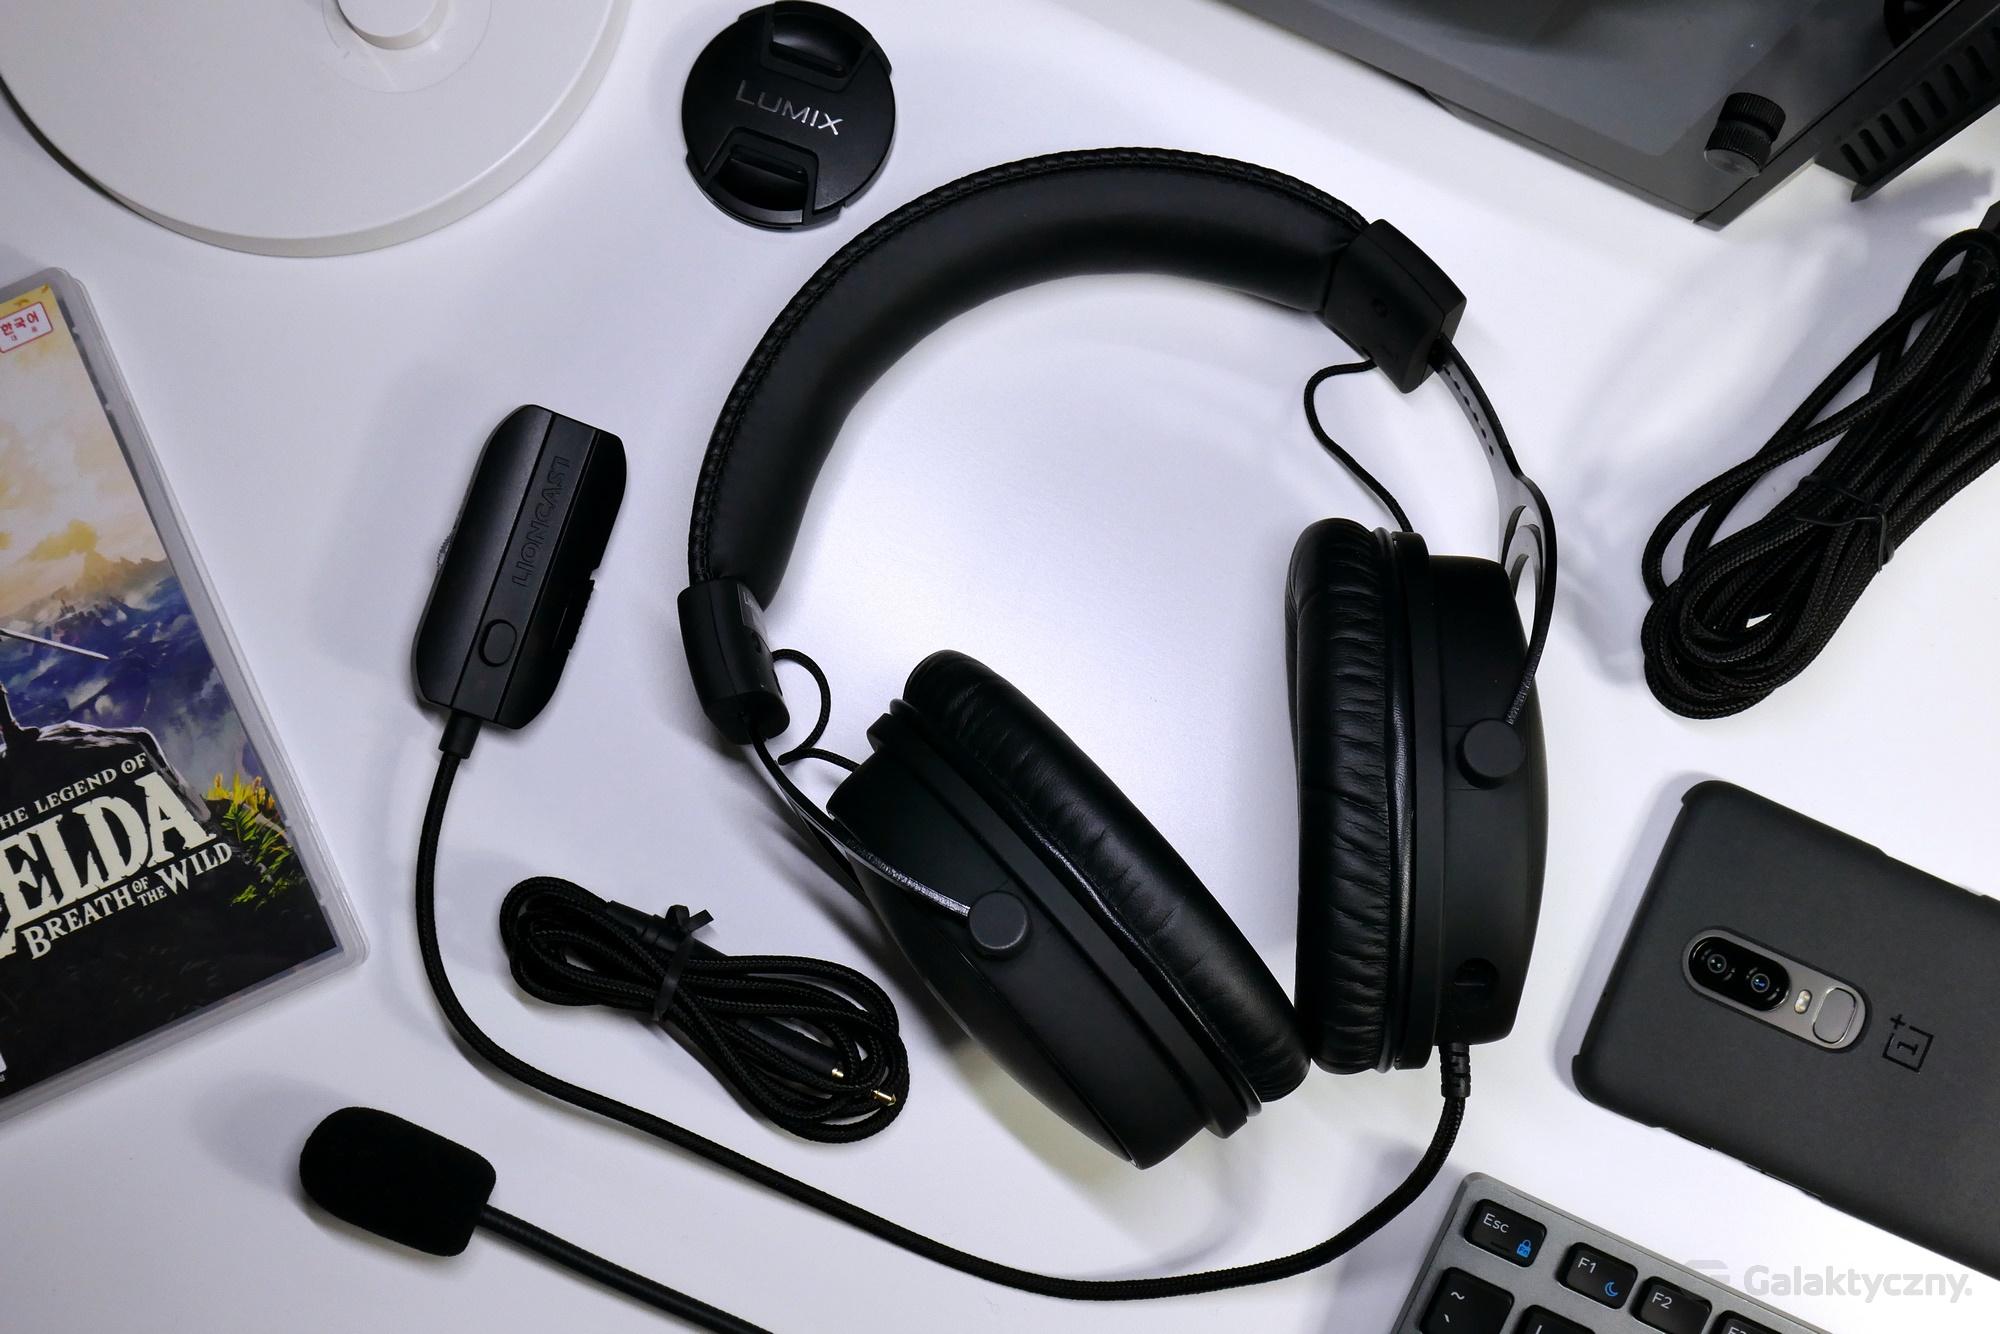 Lioncast X55